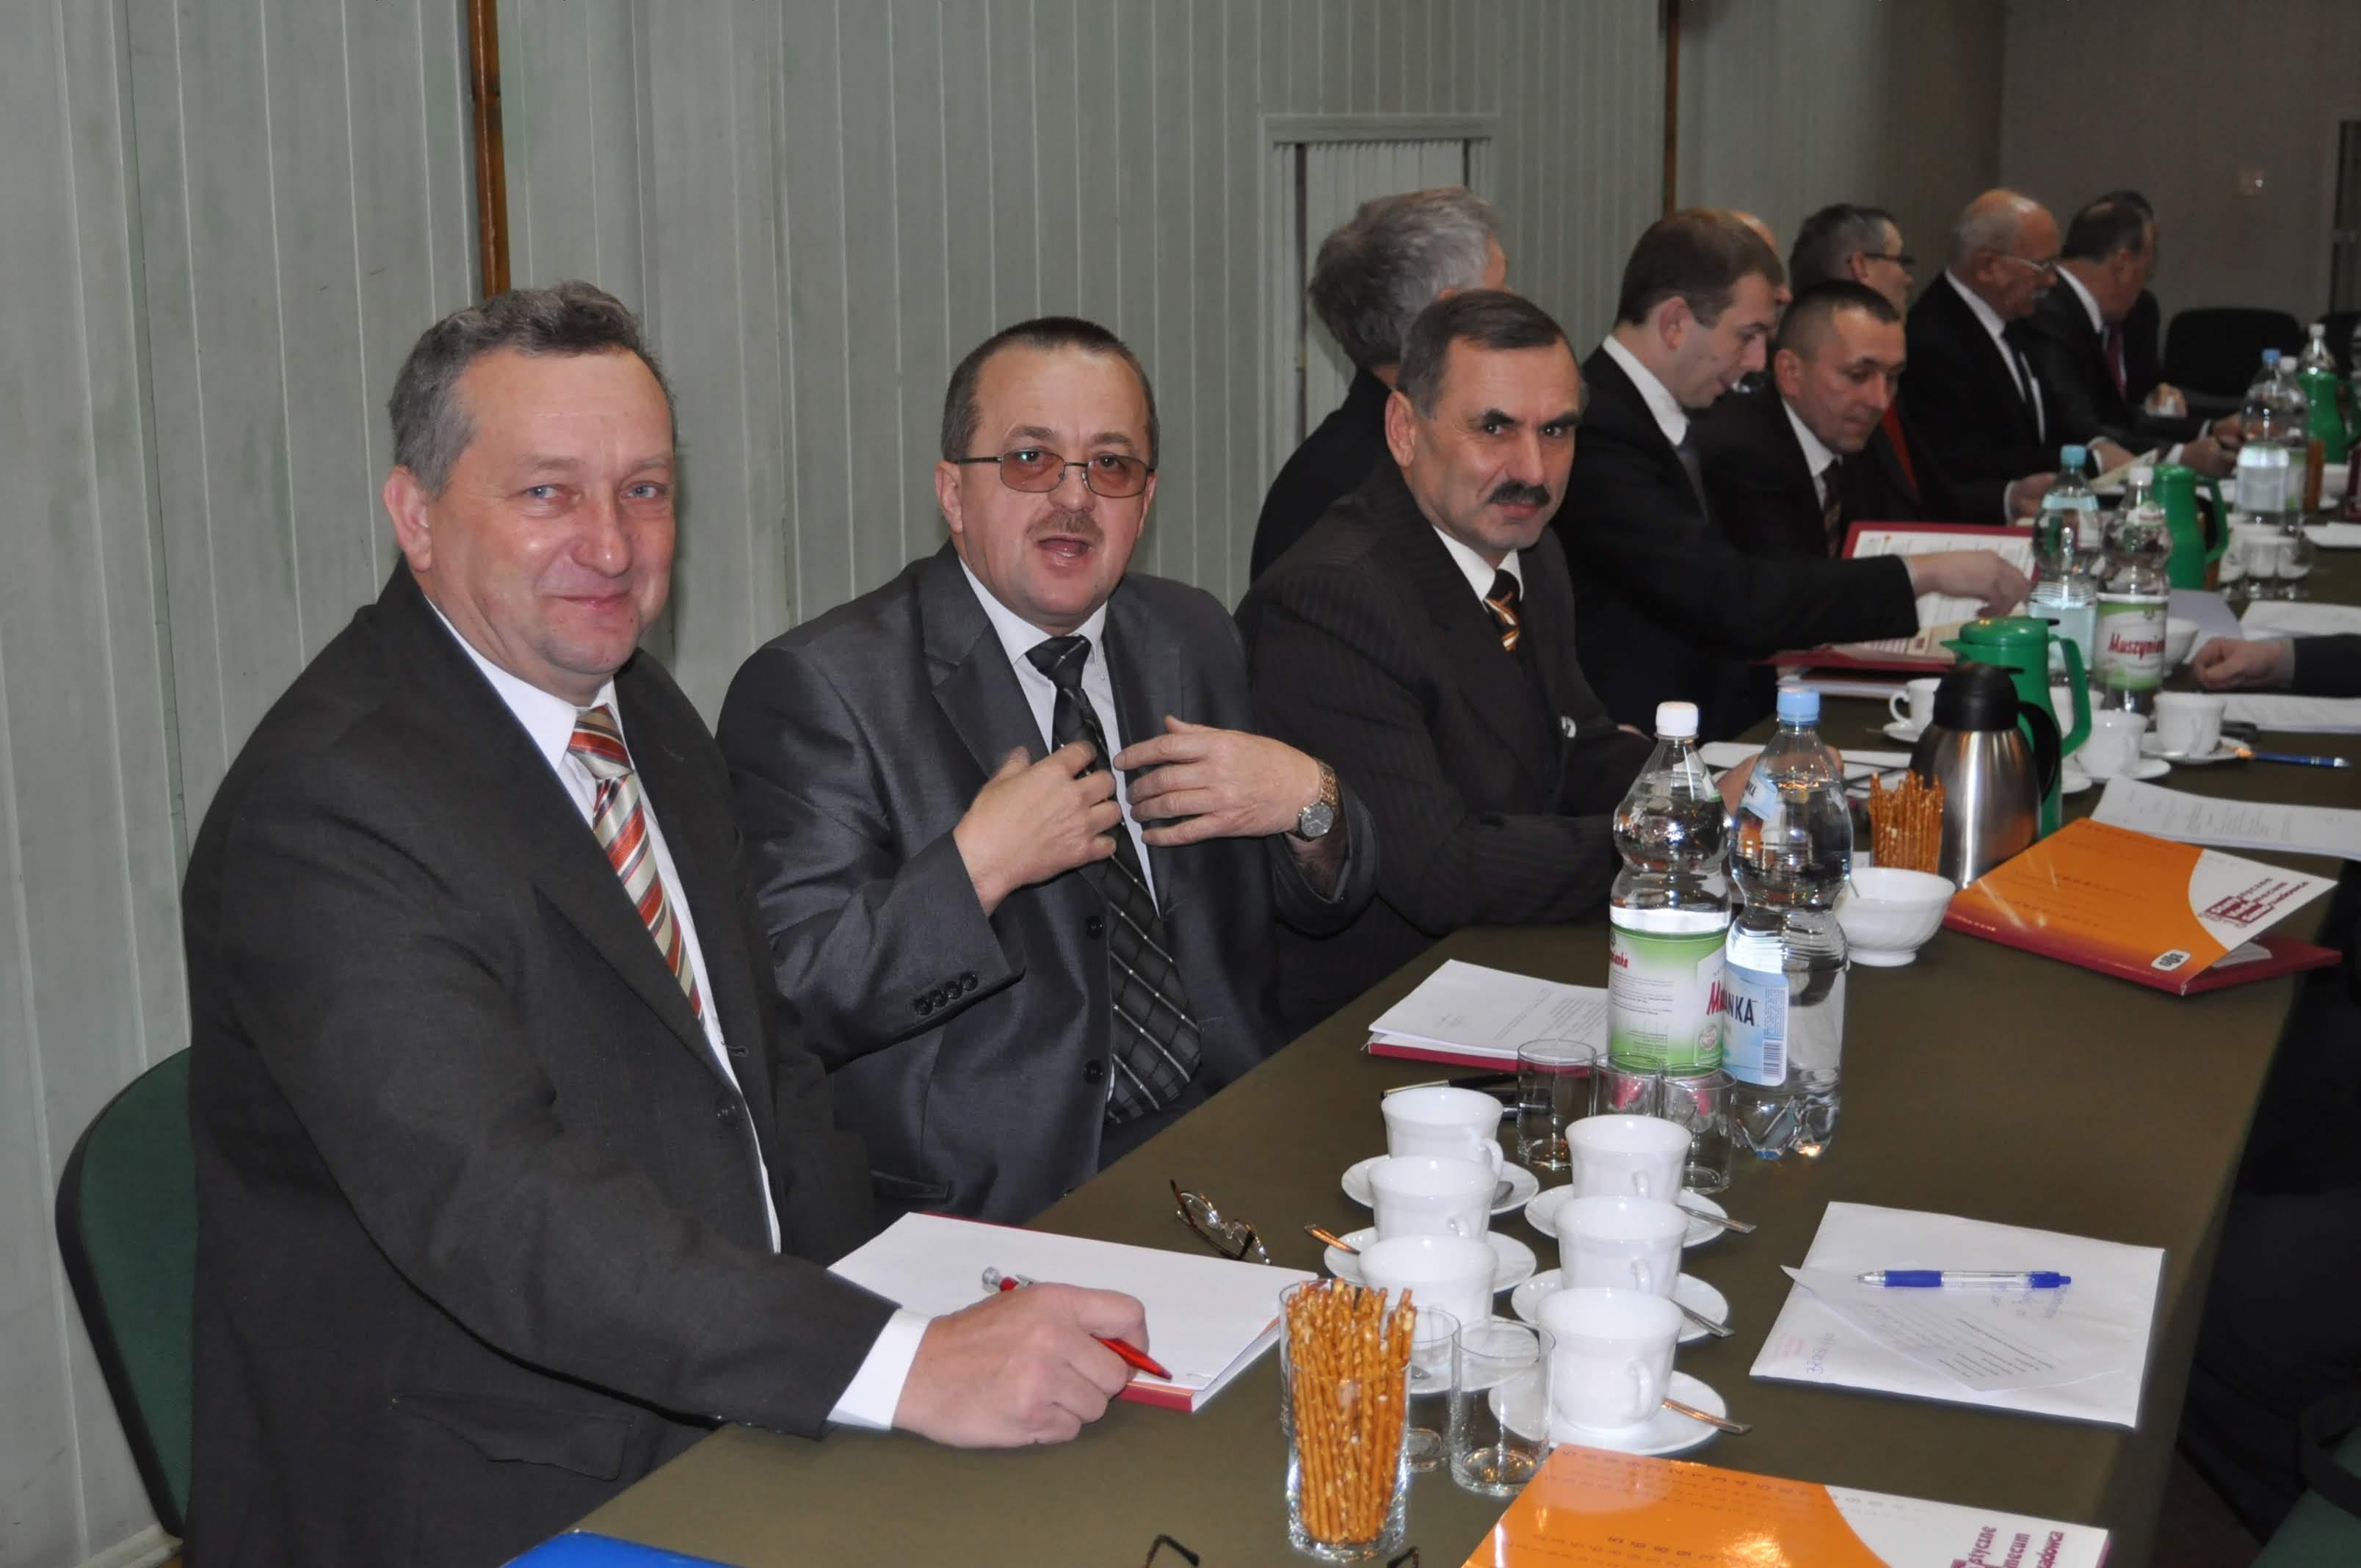 DEKADĘ TEMU. Pierwsza sesja nowej rady w Kolbuszowej [FOTO] - Zdjęcie główne